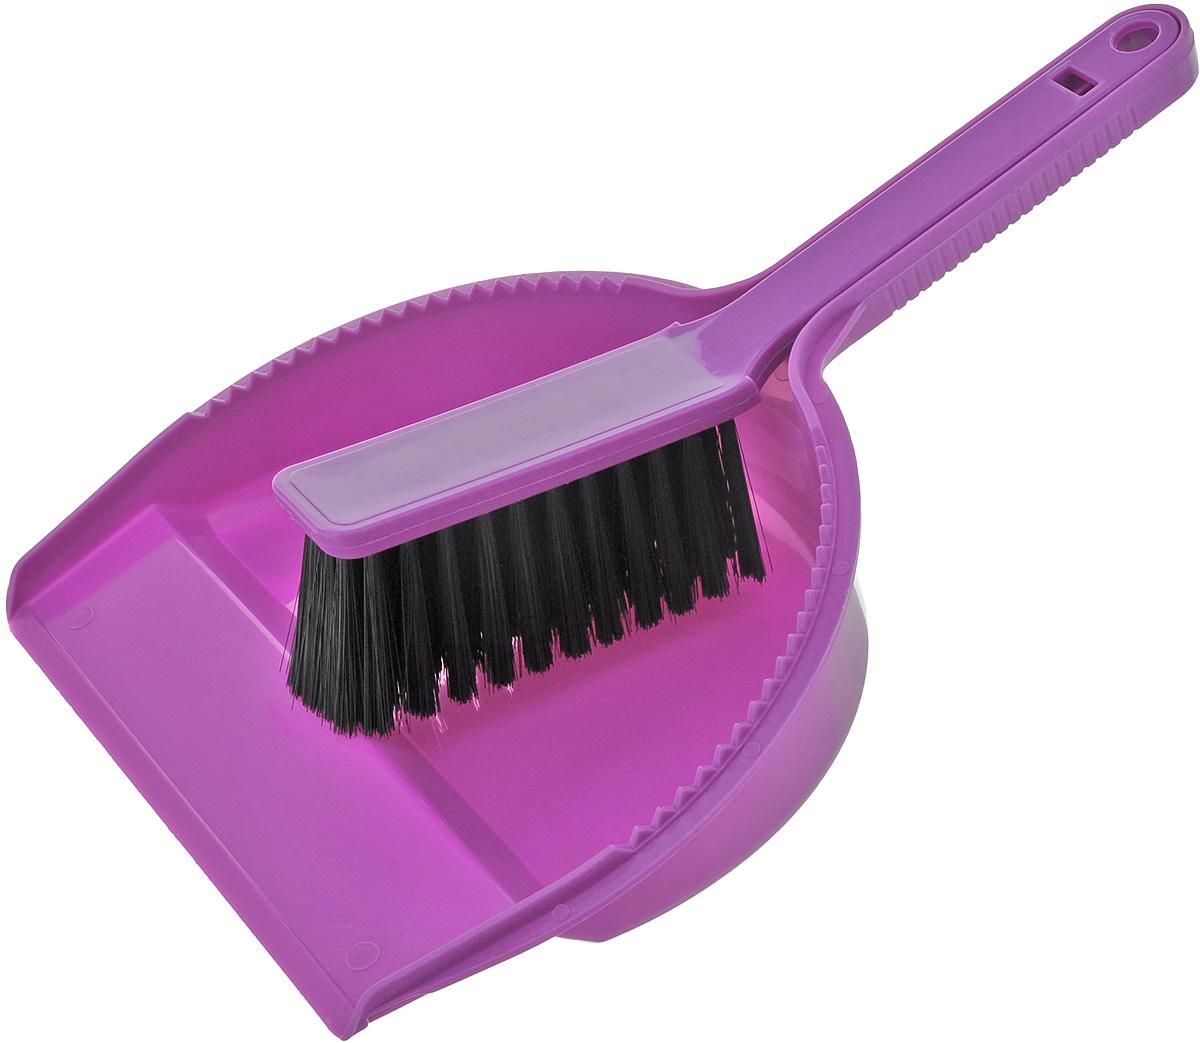 Набор для уборки Svip Лаура, цвет: аметист, 2 предмета набор для уборки svip софия цвет аметист 2 предмета